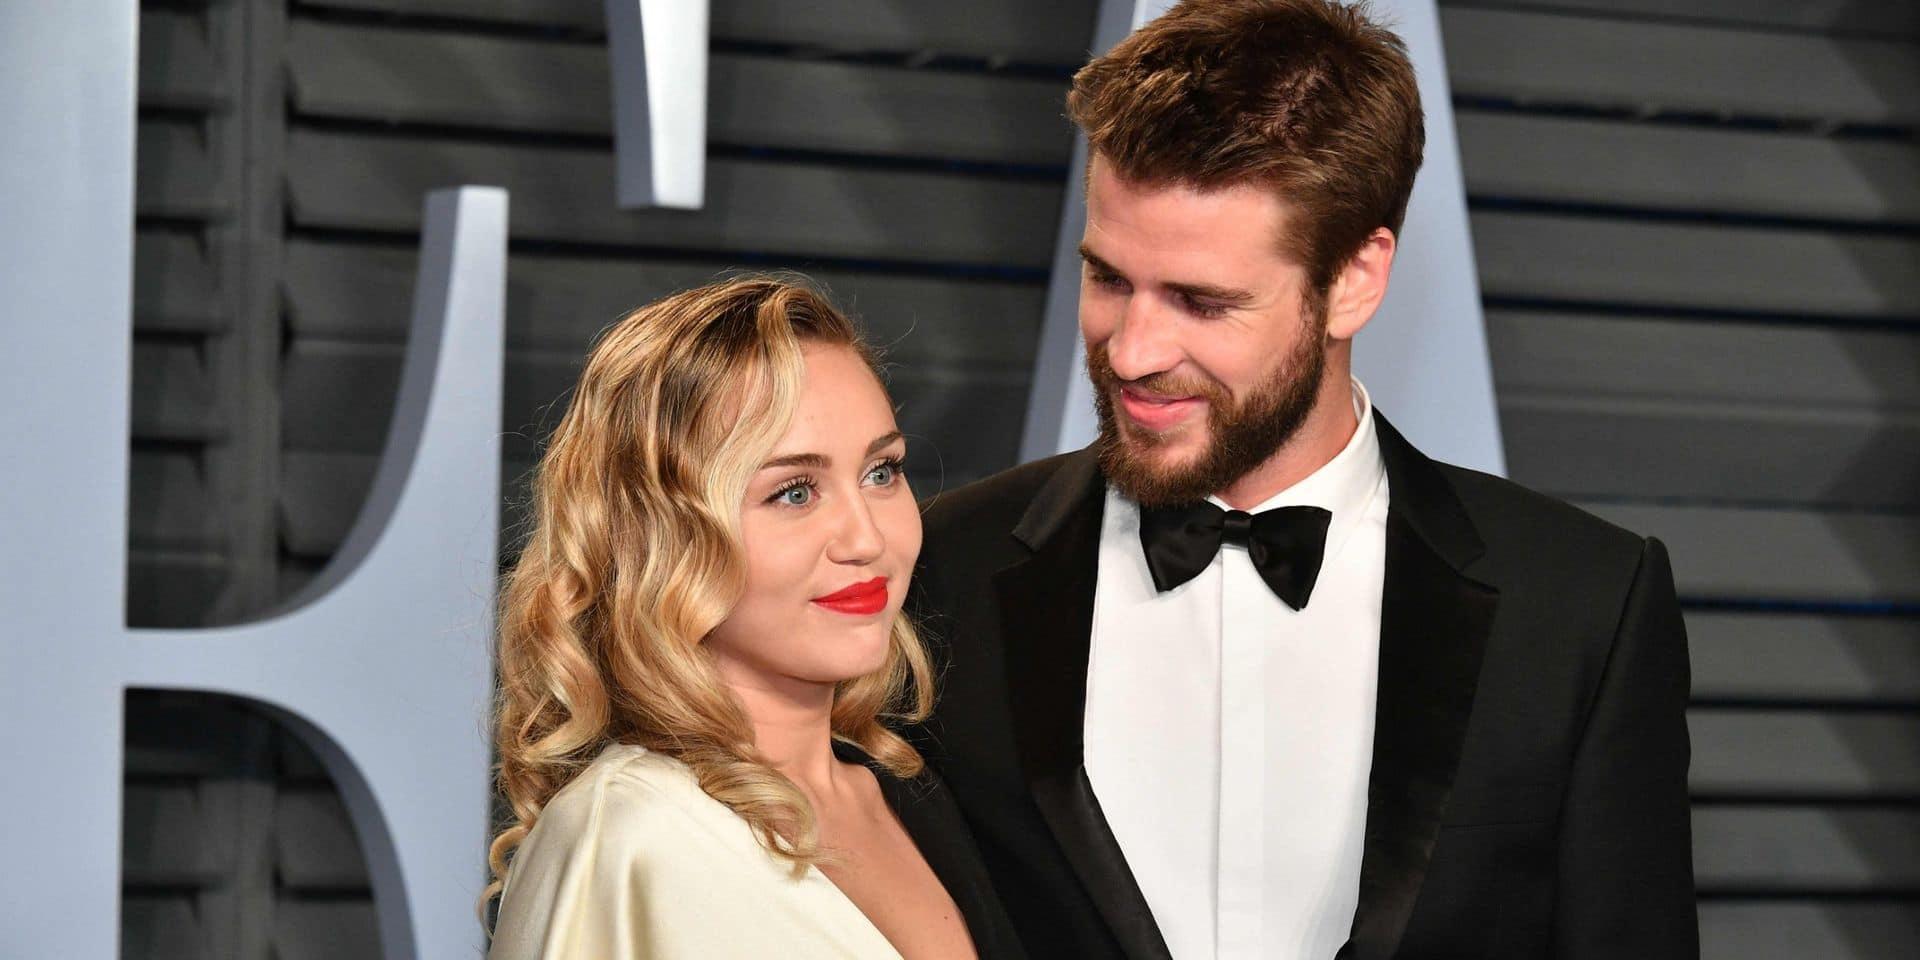 Miley Cyrus infidèle? La star répond aux accusations